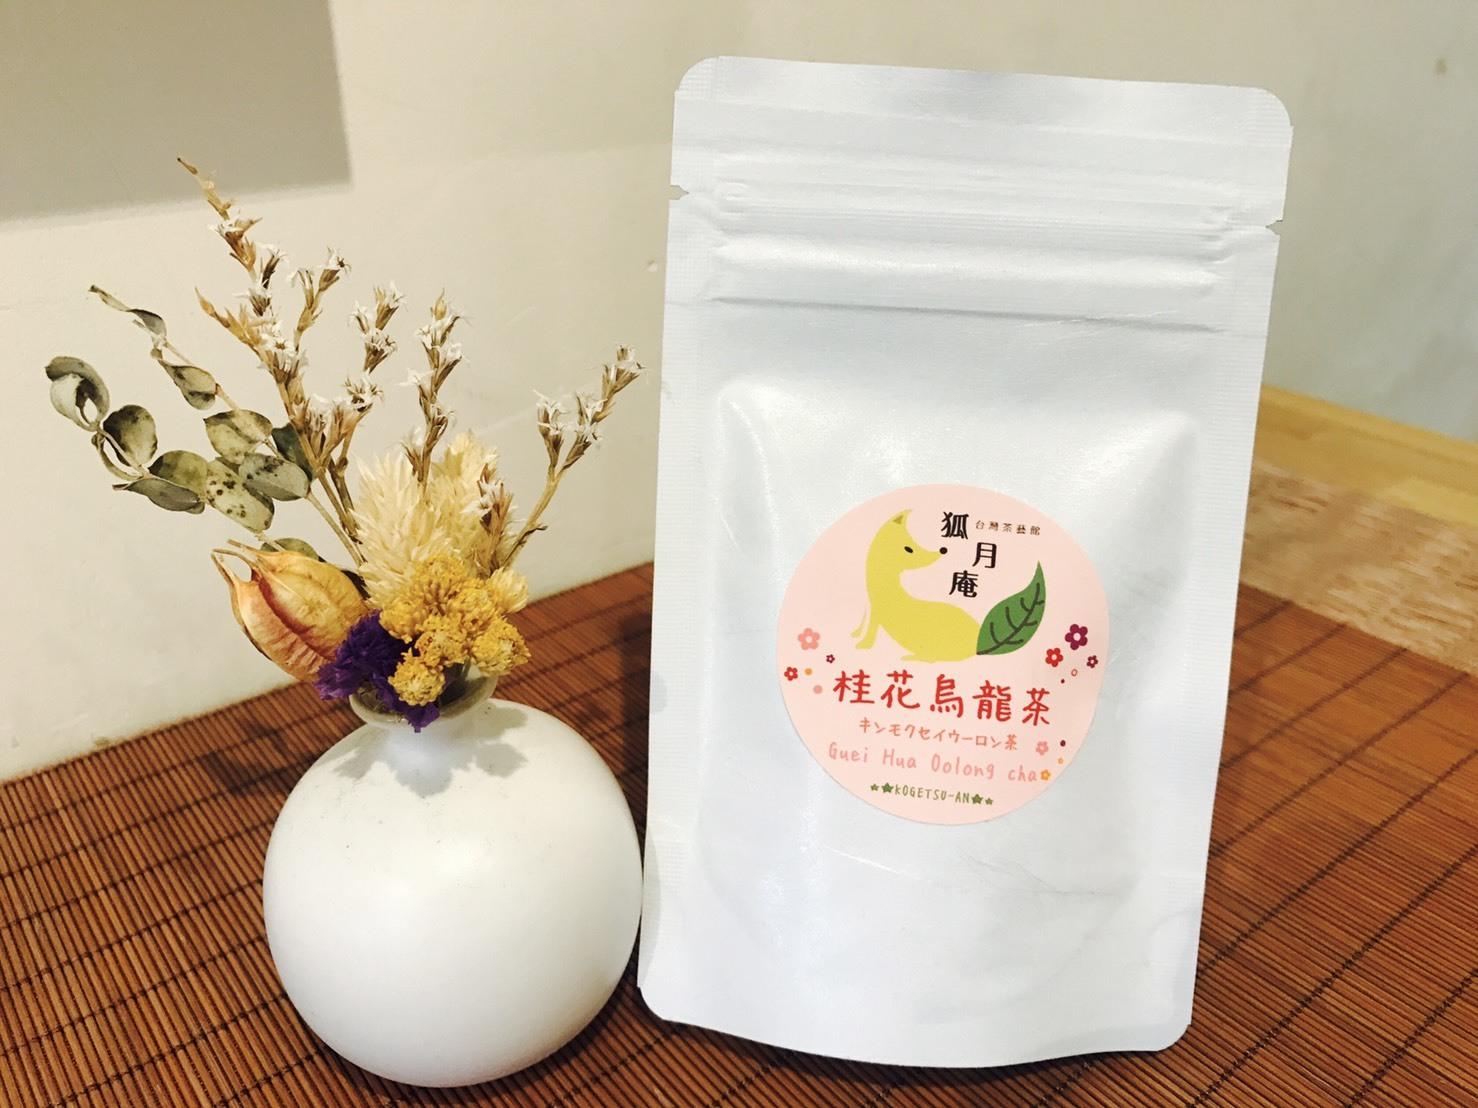 コピー:【数量限定】桂花烏龍茶《キンモクセイ》/茶葉 20g